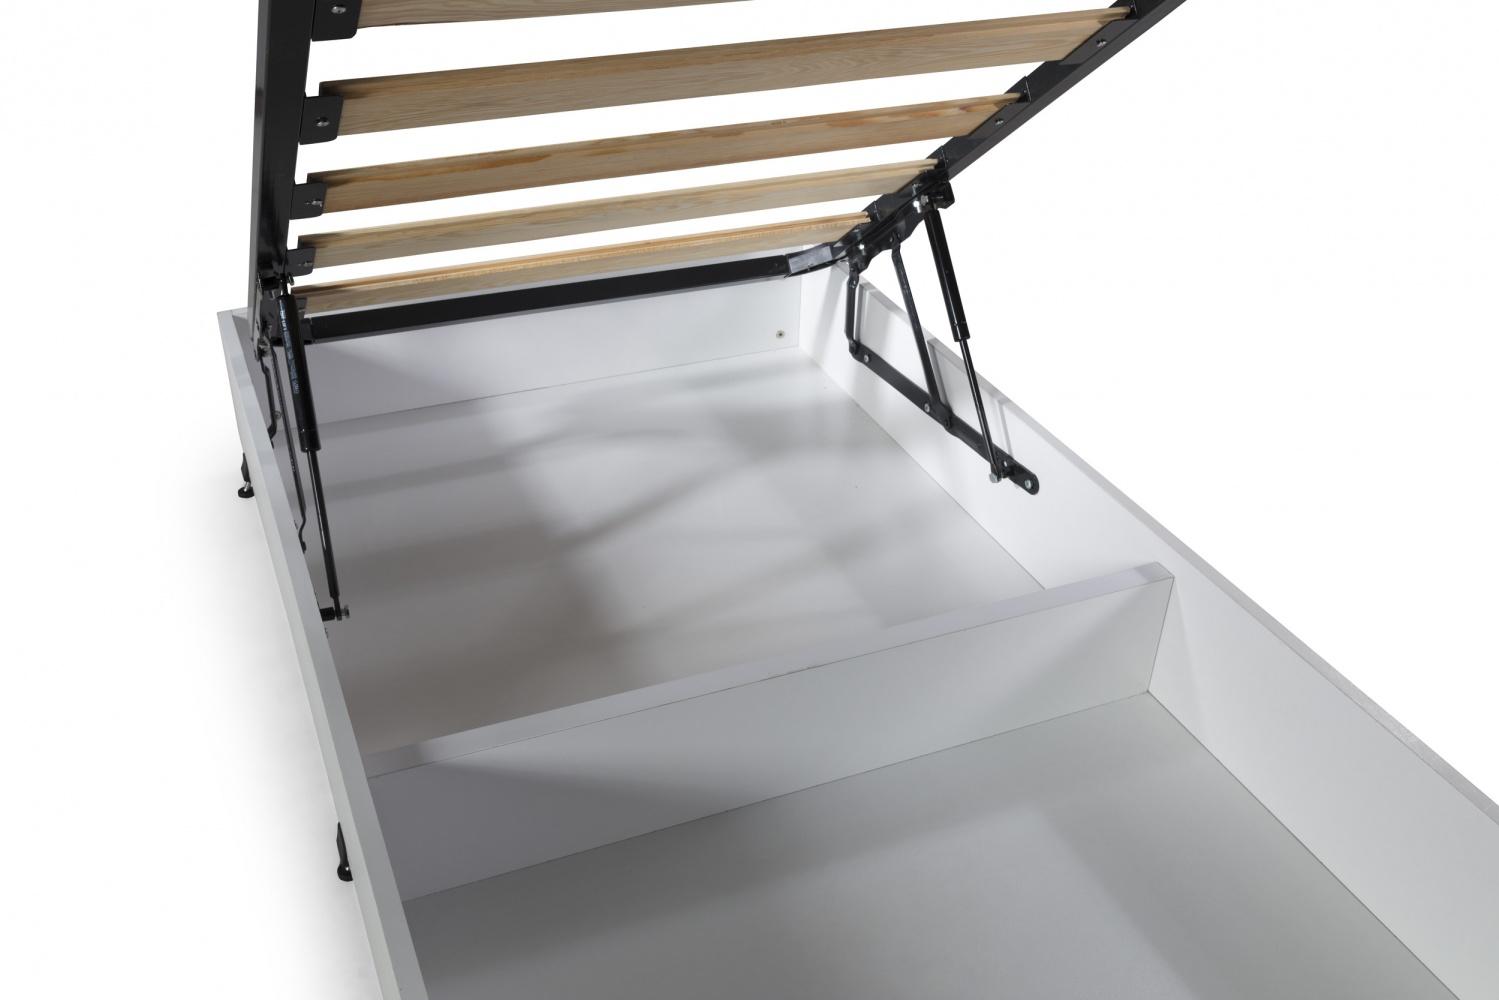 Bettkasten 90x190 für Autobetten